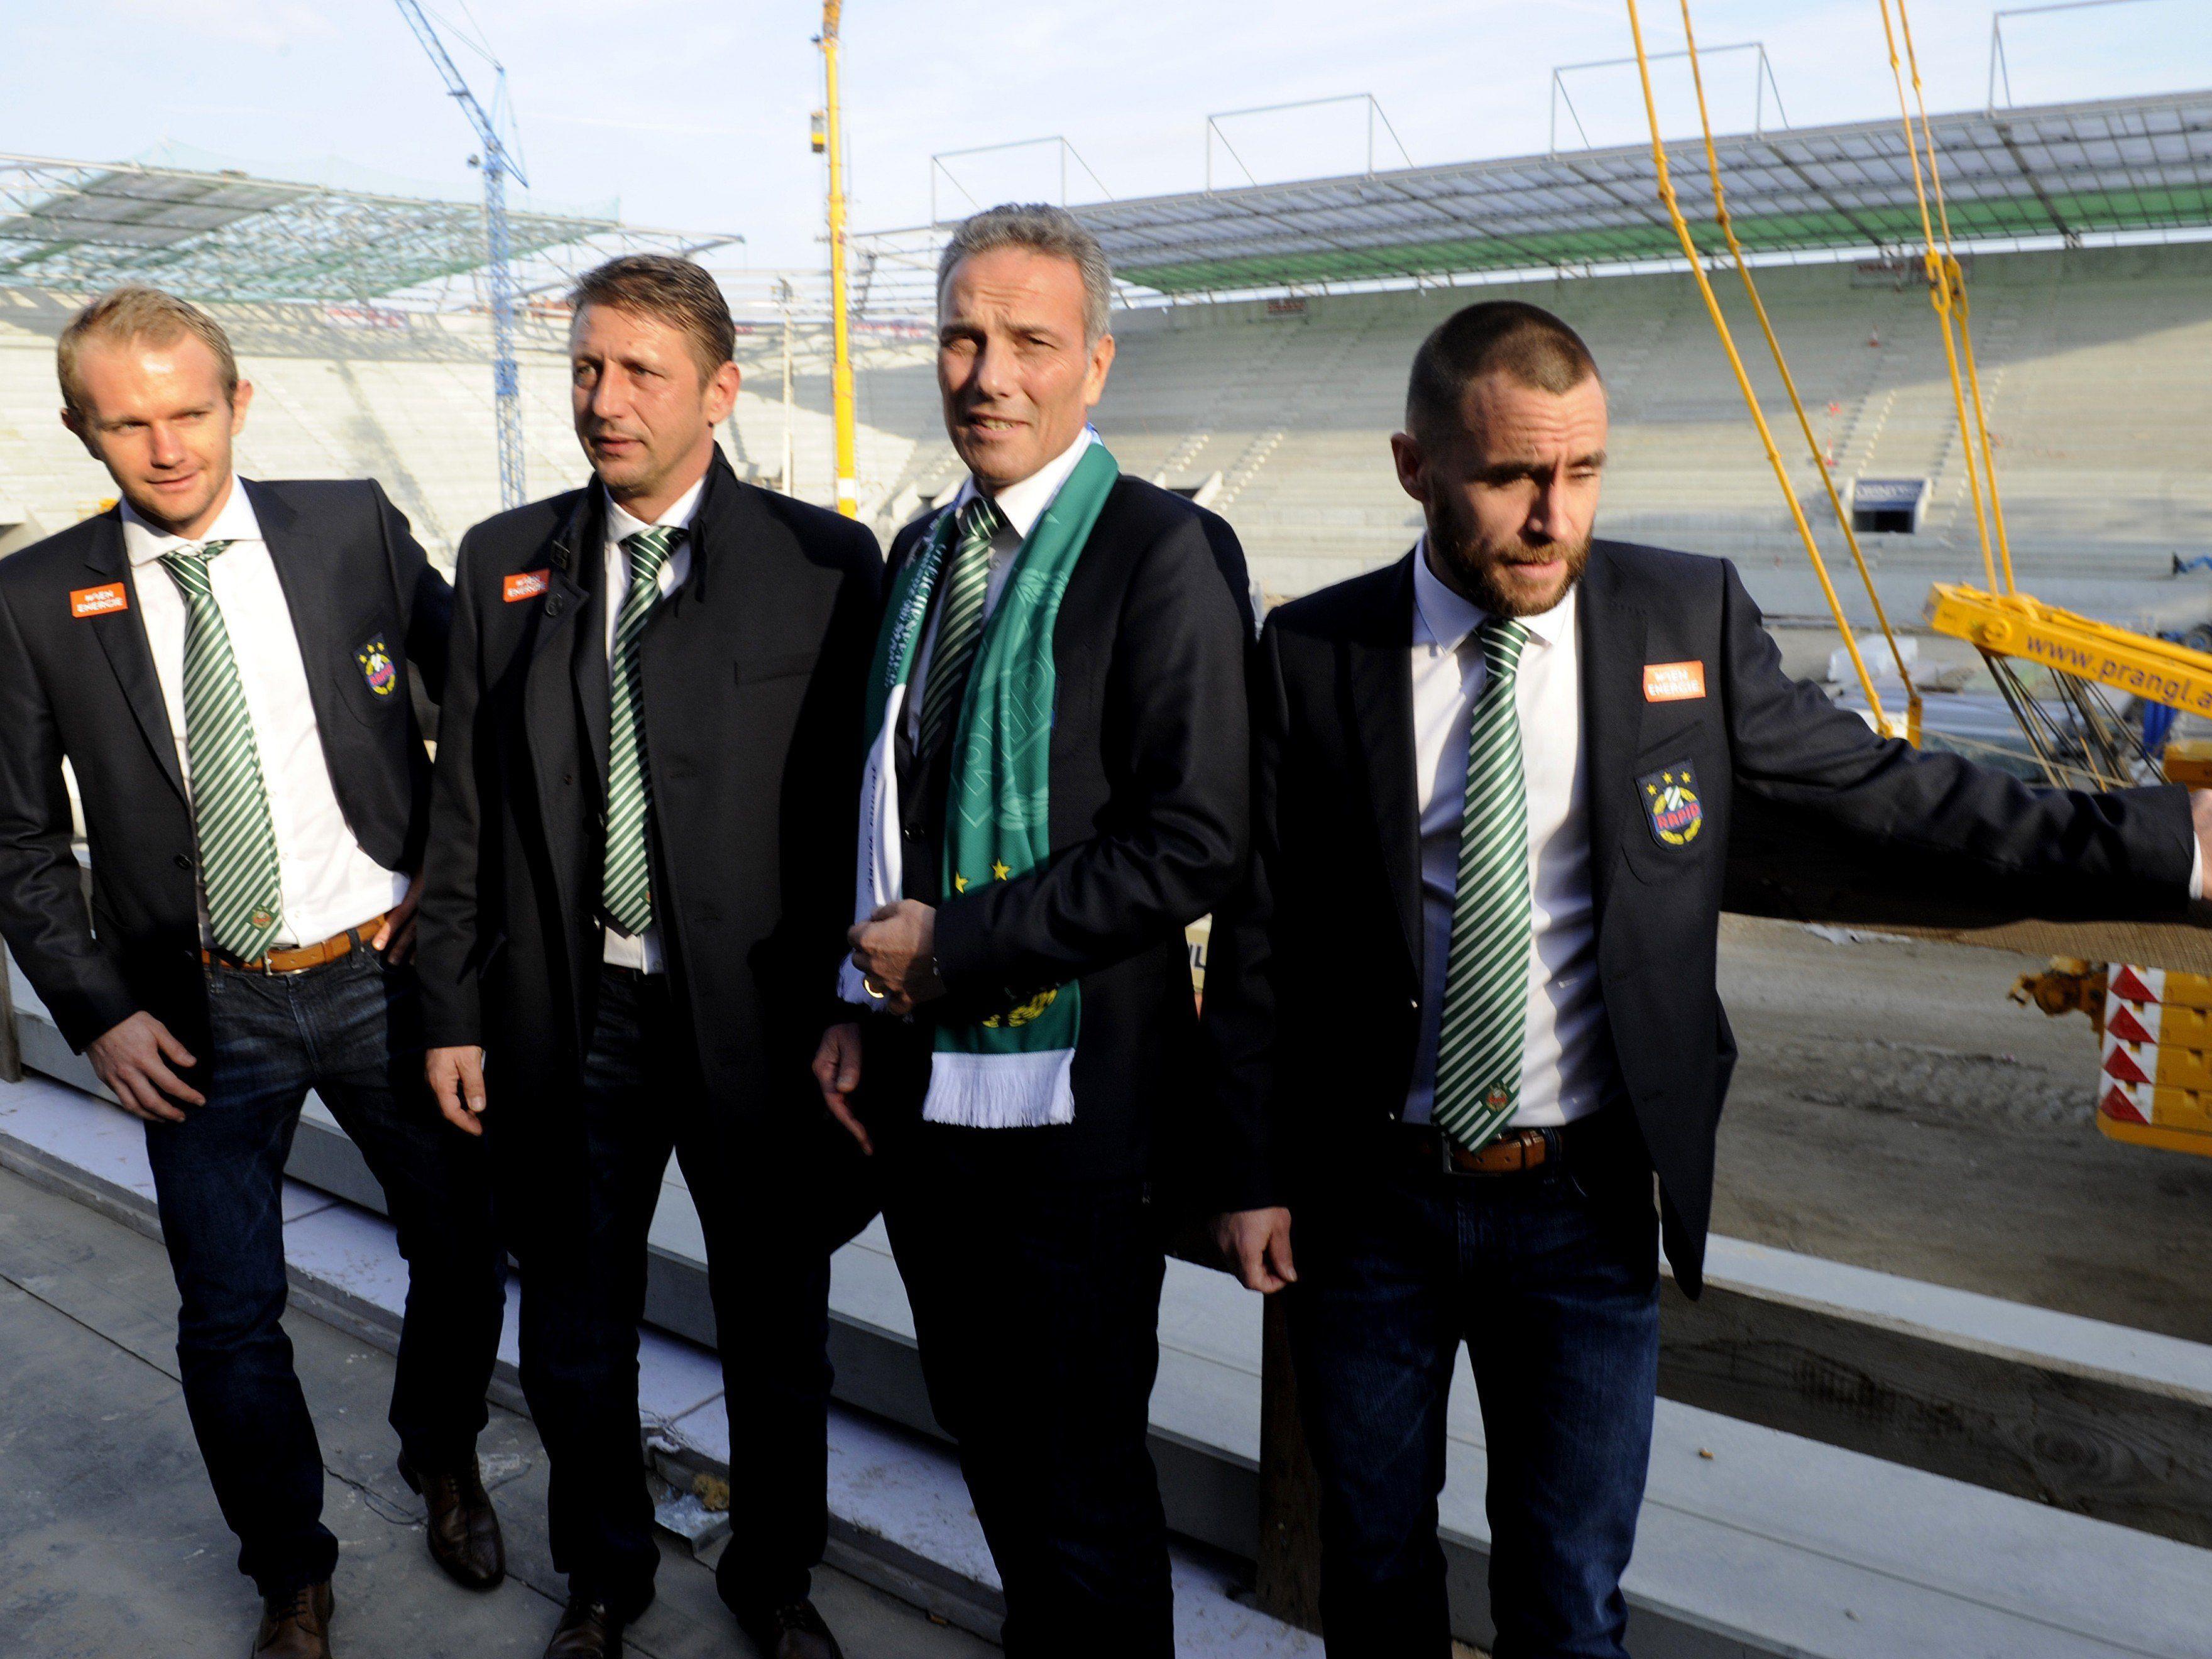 Große Freude bei der Gleichenfeier des SK Rapid Wien im Allianz-Stadion.